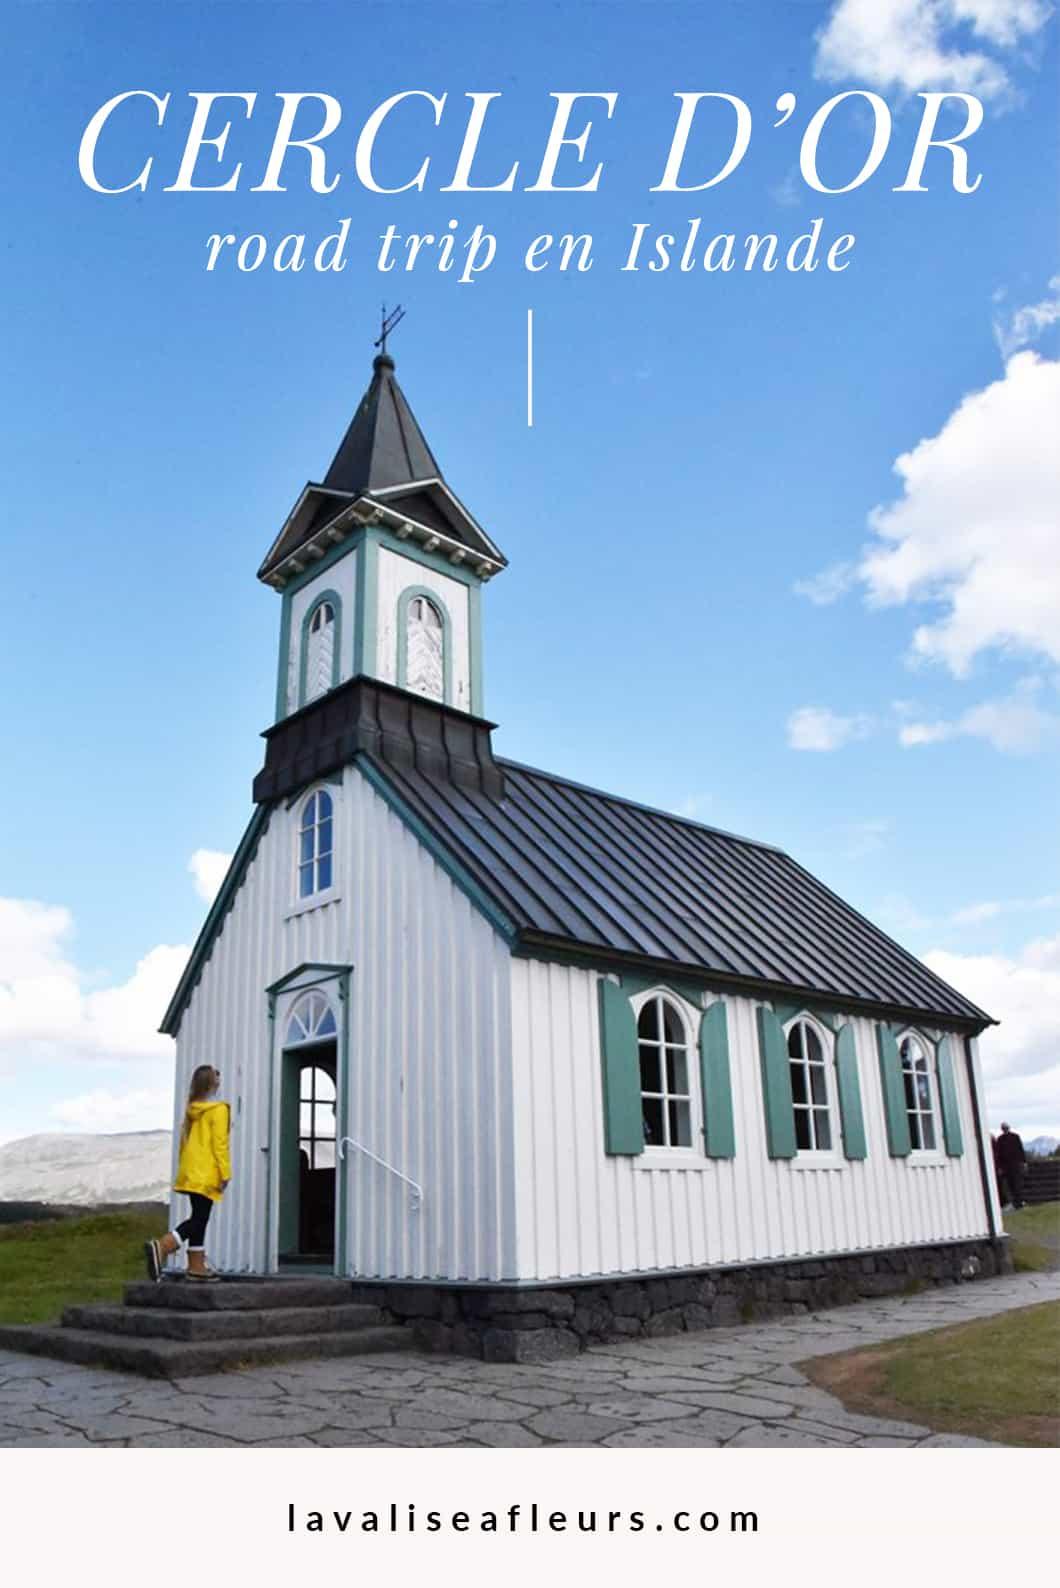 Road trip en Islande au Cercle d'or